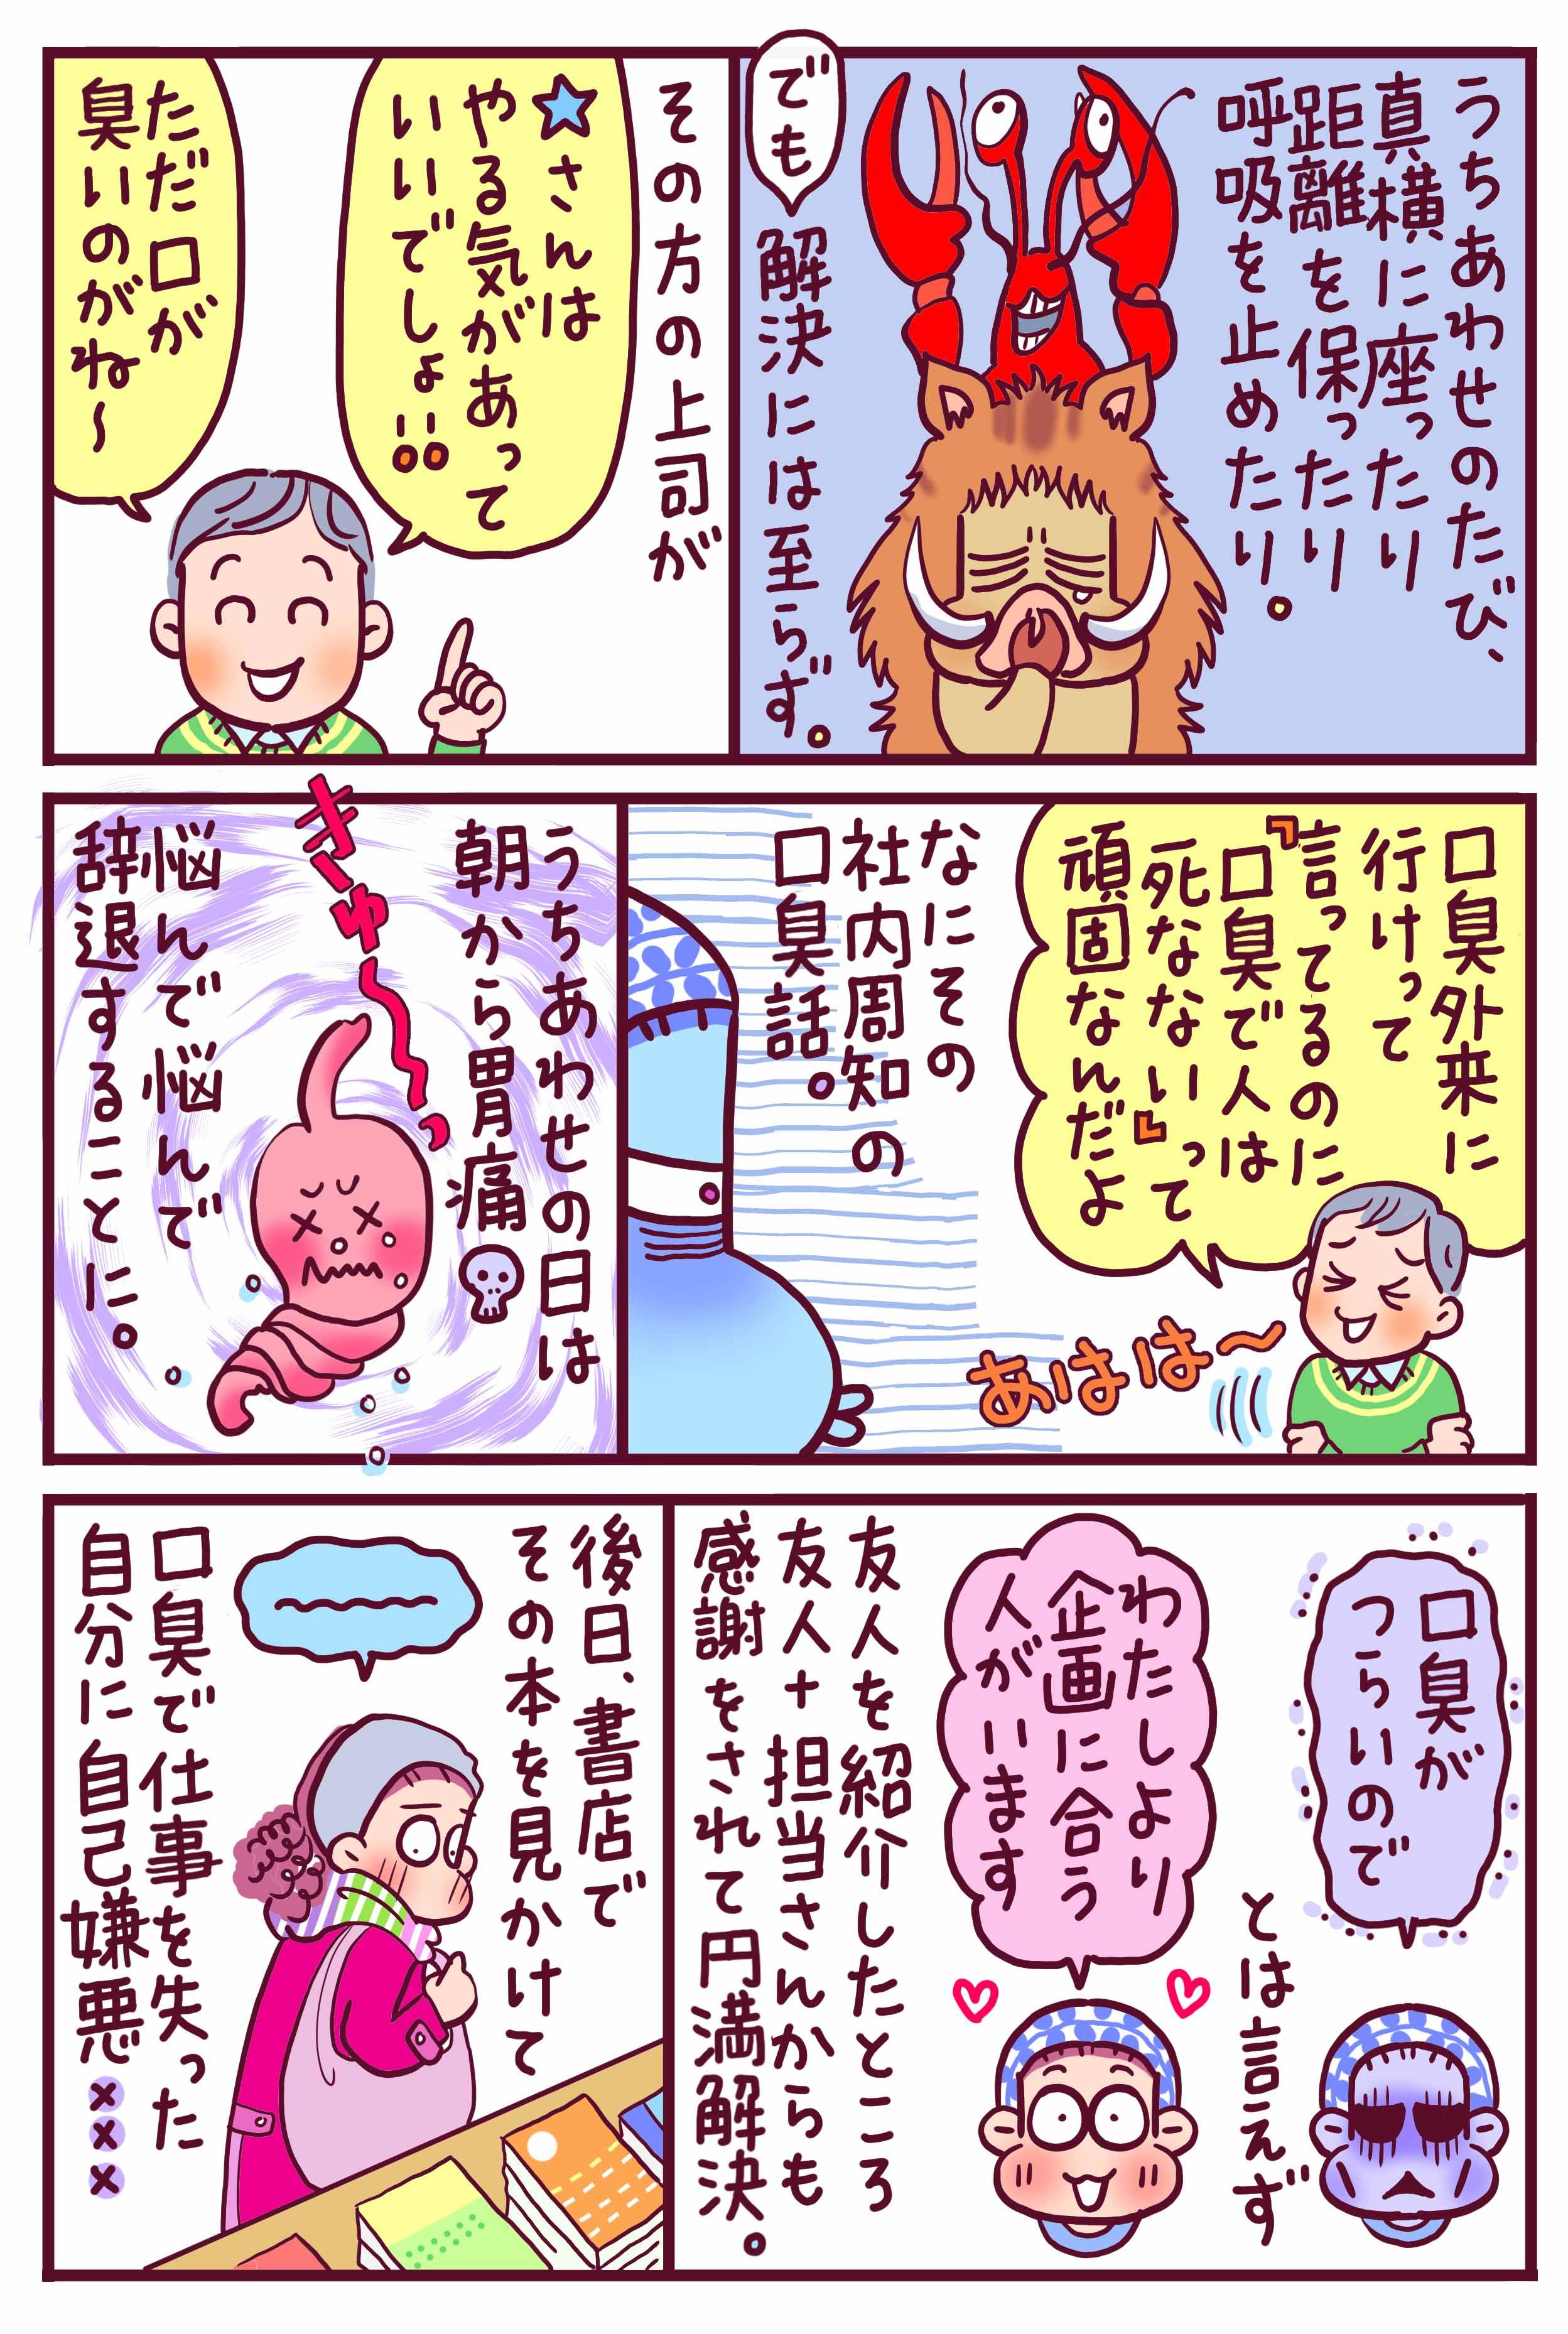 高野優のHSPマンガエッセイ